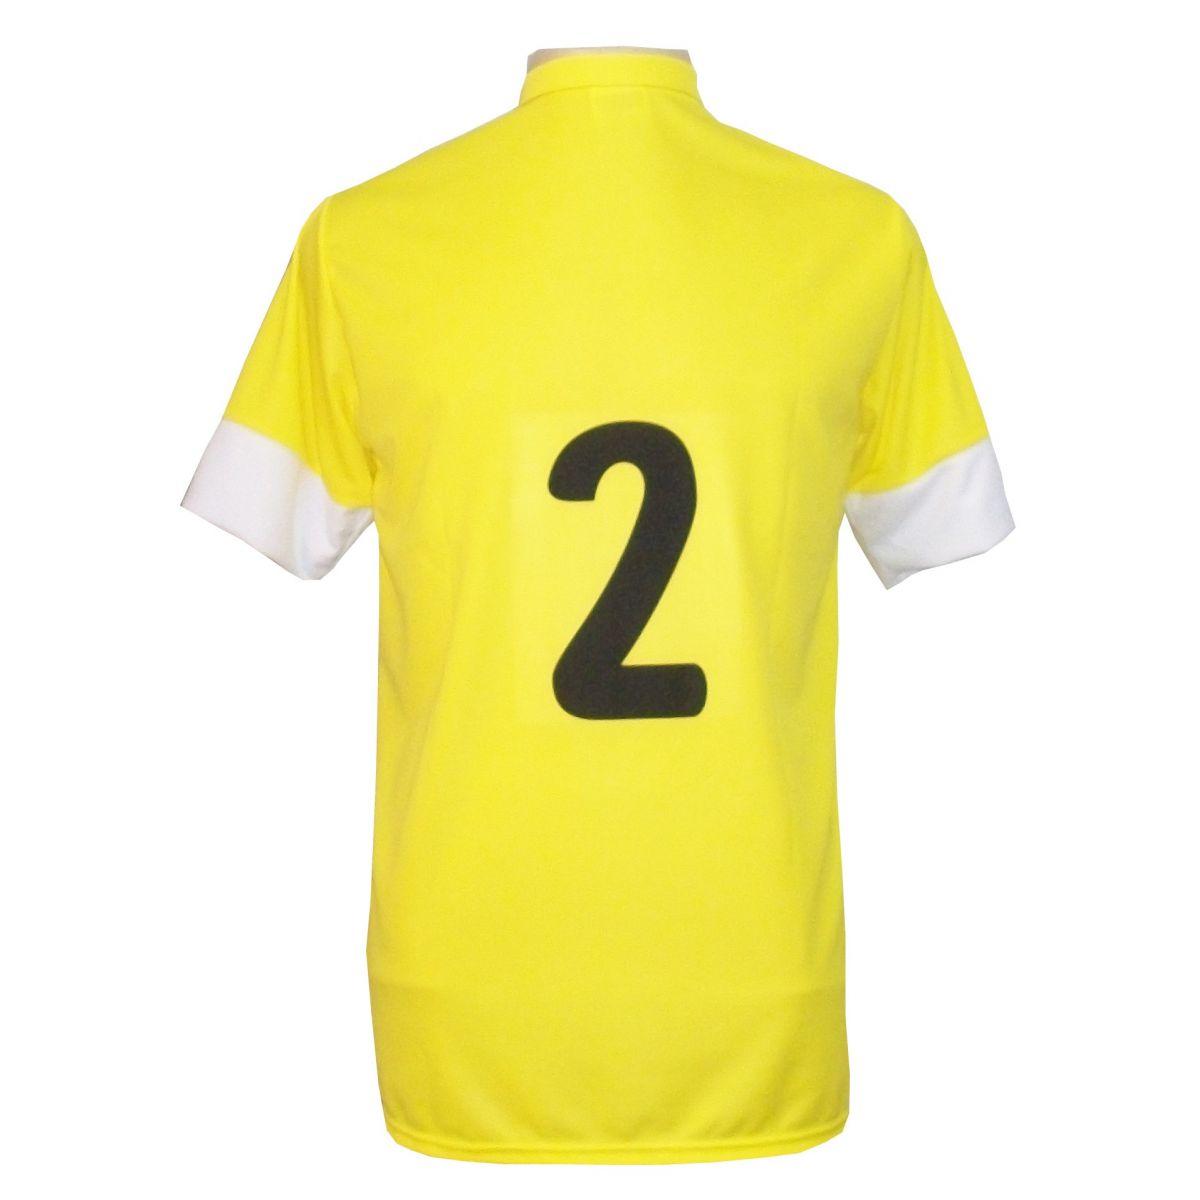 Uniforme Esportivo com 14 camisas modelo Sporting Amarelo/Preto/Branco + 14 calções modelo Madrid Preto + Brindes